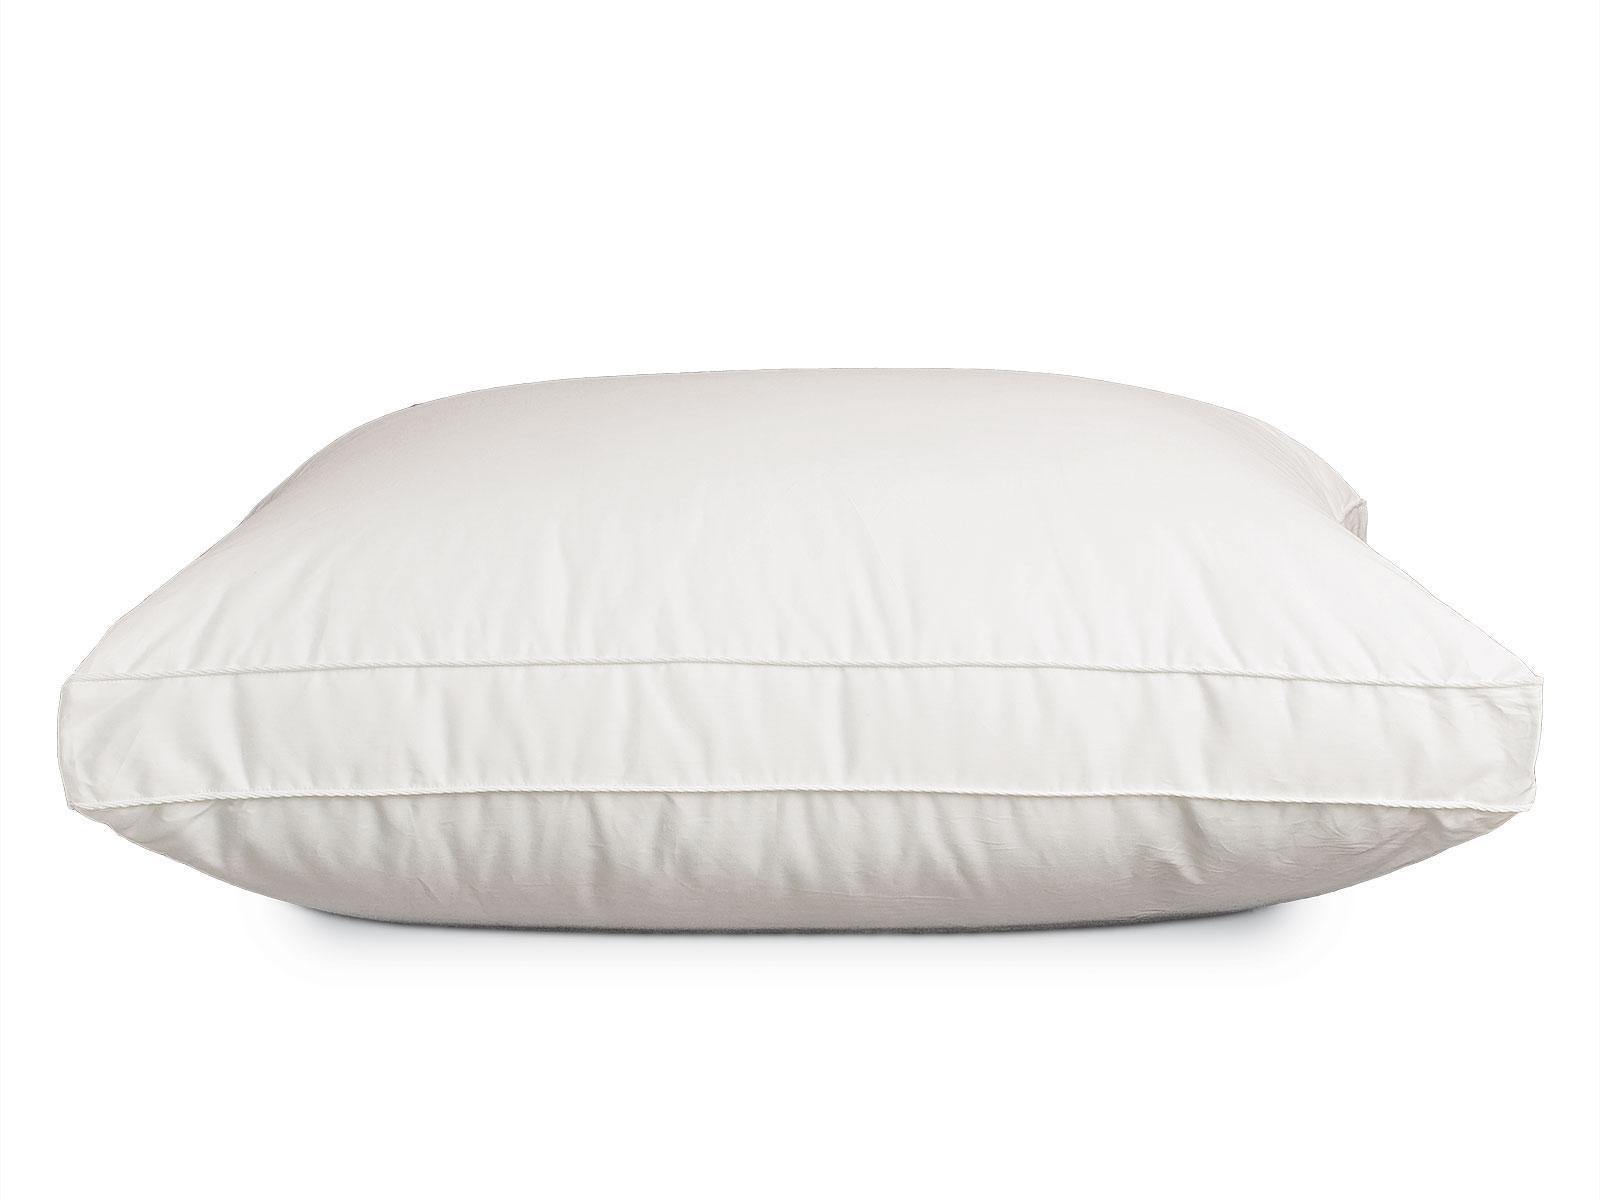 you pillow love barrier polyfill set ll pillows of allergen bath bed beautyrest wayfair